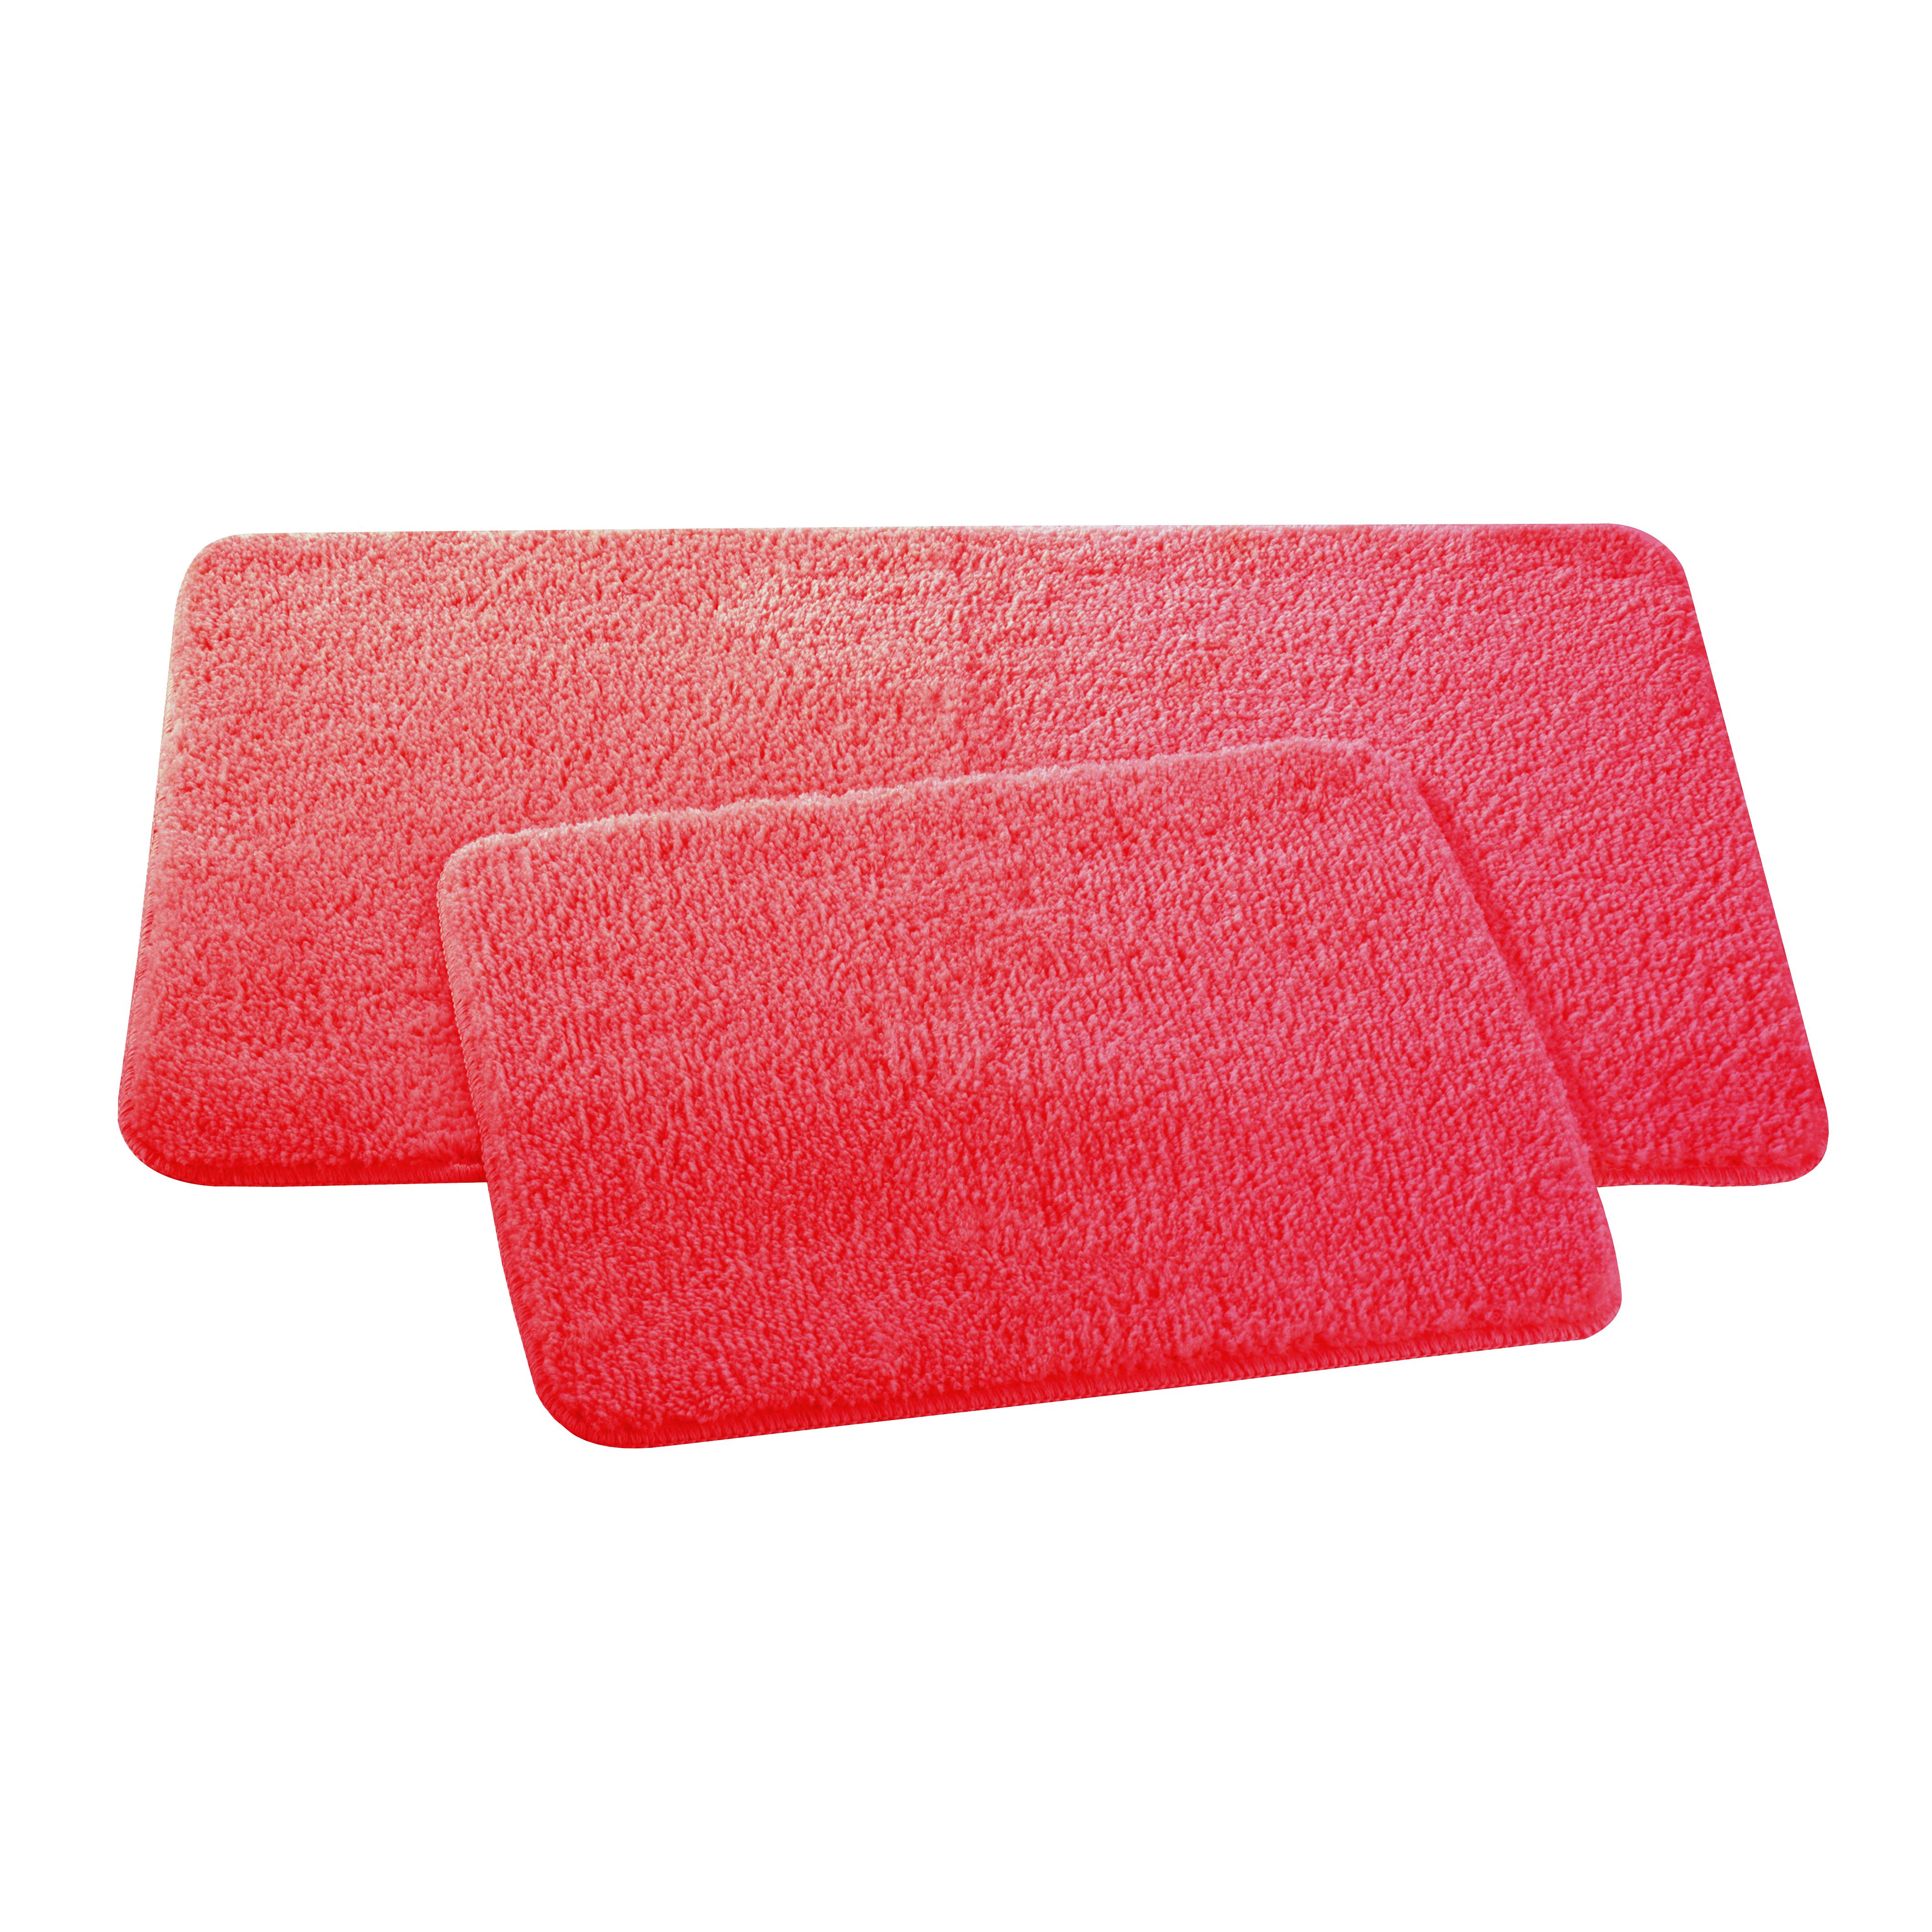 Набор ковриков для ванной и туалета Axentia, цвет: красный, 50 х 80 см, 50 х 40 см, 2 шт116138Набор из двух ковриков для ванной комнаты и туалета из микрофибры, 50х80 и 50х40 см. Высота ворса 1,5 см, стеганный. Противоскользящее основание изготовлено из термопластичной резины и подходит для полов с подогревом. Коврик мягкий и приятный на ощупь, отлично впитывает влагу и быстро сохнет. Можно стирать в стиральной машине. Высокая износостойкость коврика и стойкость цвета позволит вам наслаждаться покупкой долгие годы. Широкая гамма расцветок ковриков Axentia удовлетворит самый притязательный вкус.